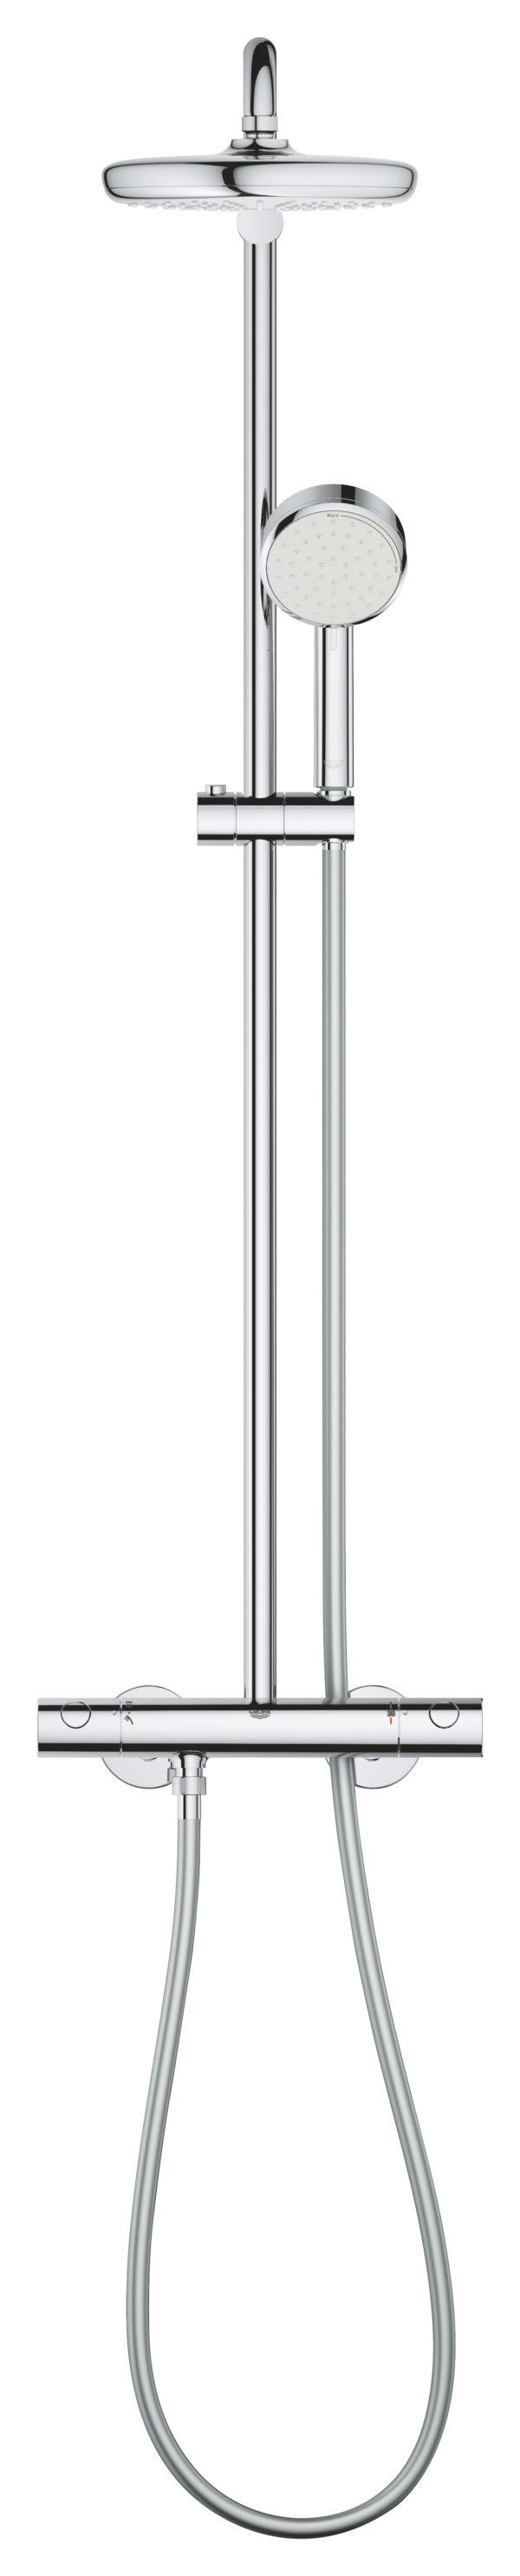 Zdjęcie GROHE Tempesta Cosmopolitan System 210 – system natryskowy z baterią termostatyczną 27922001